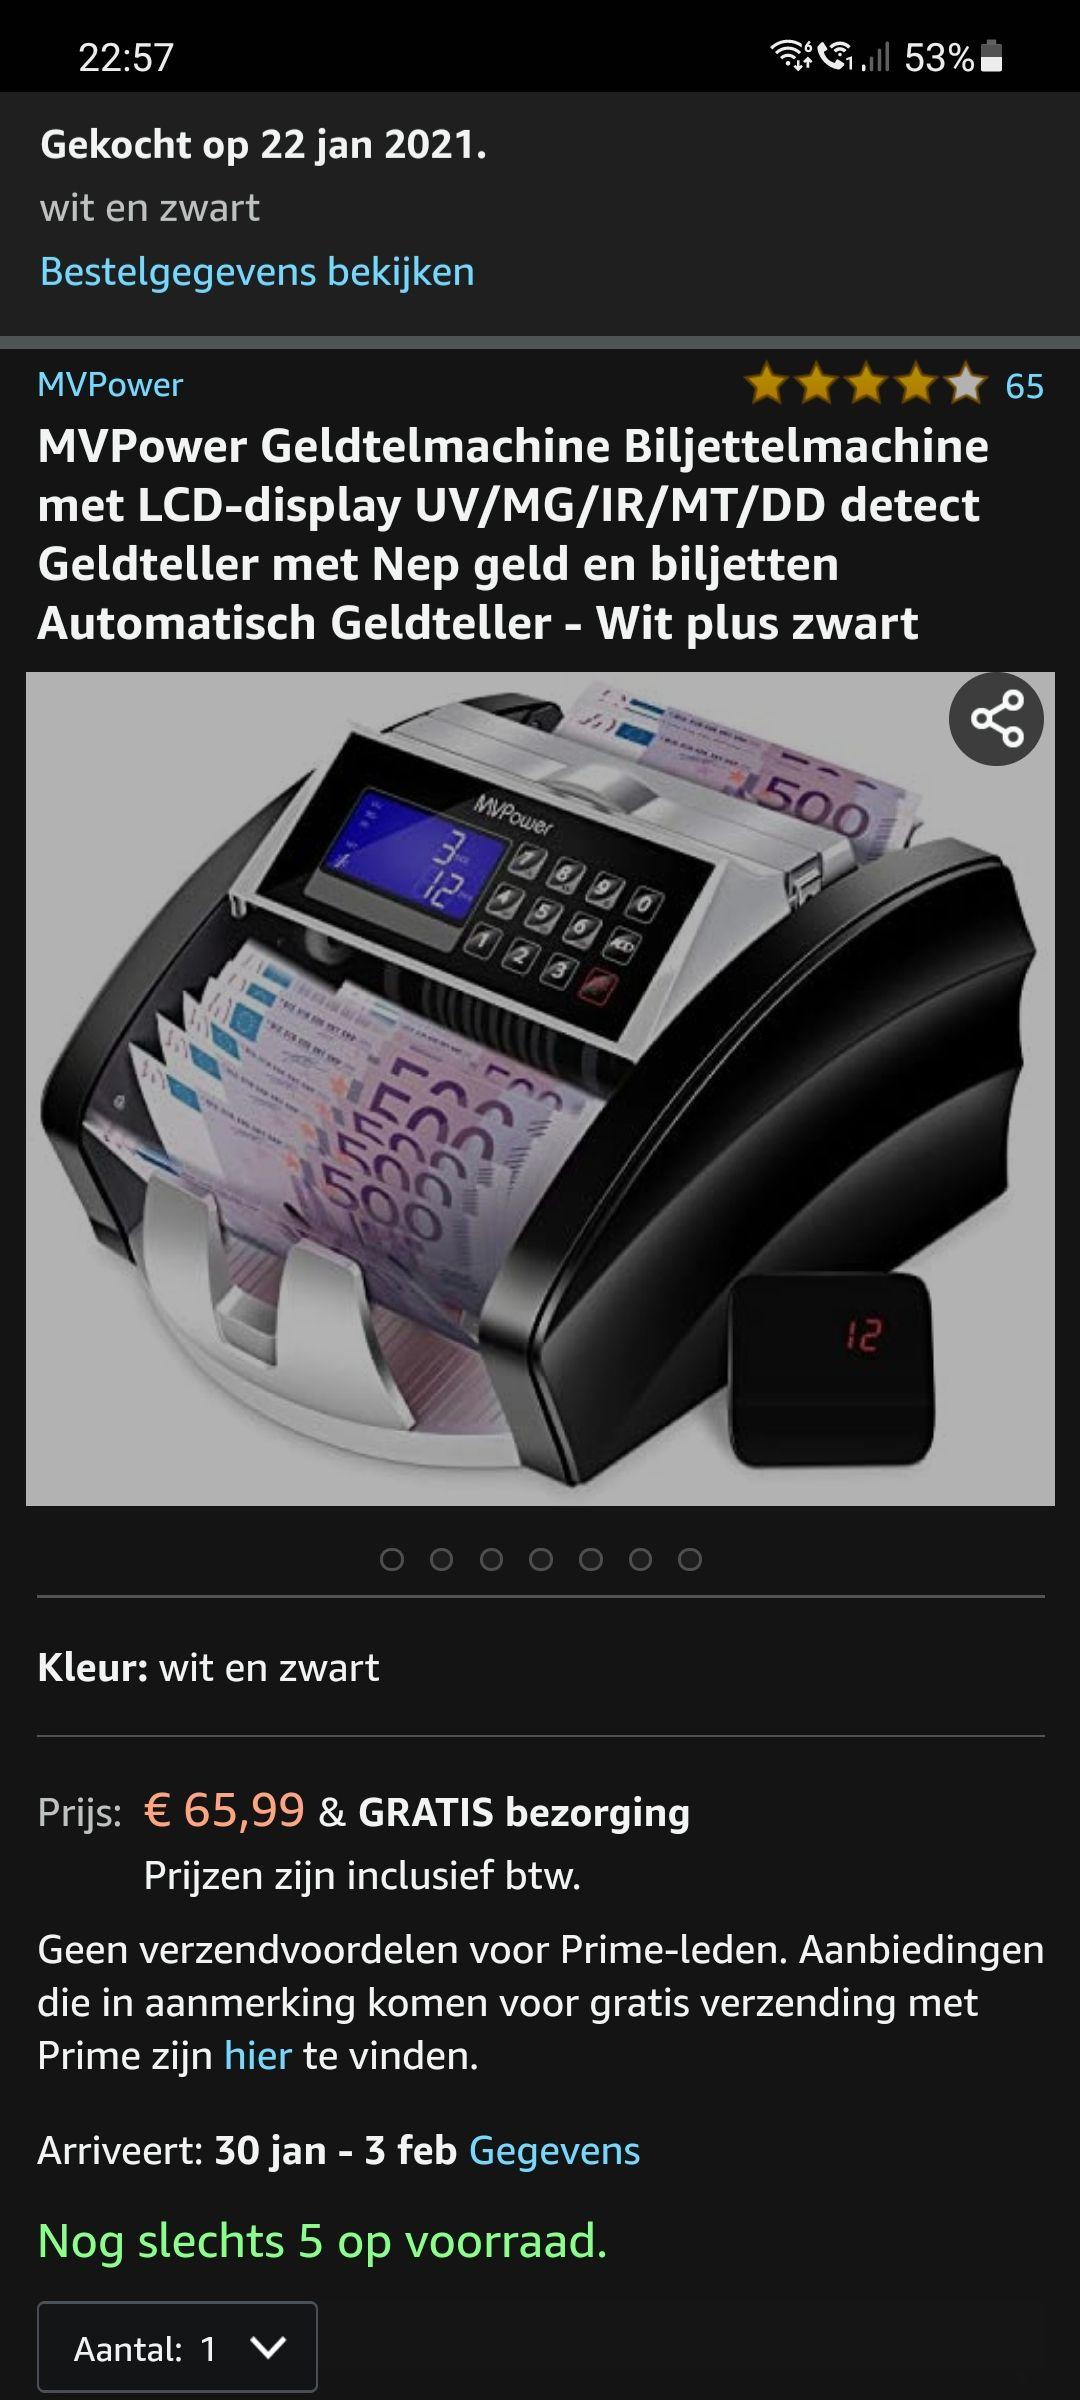 Geldtelmachine met valsgelddetector ingebouwd